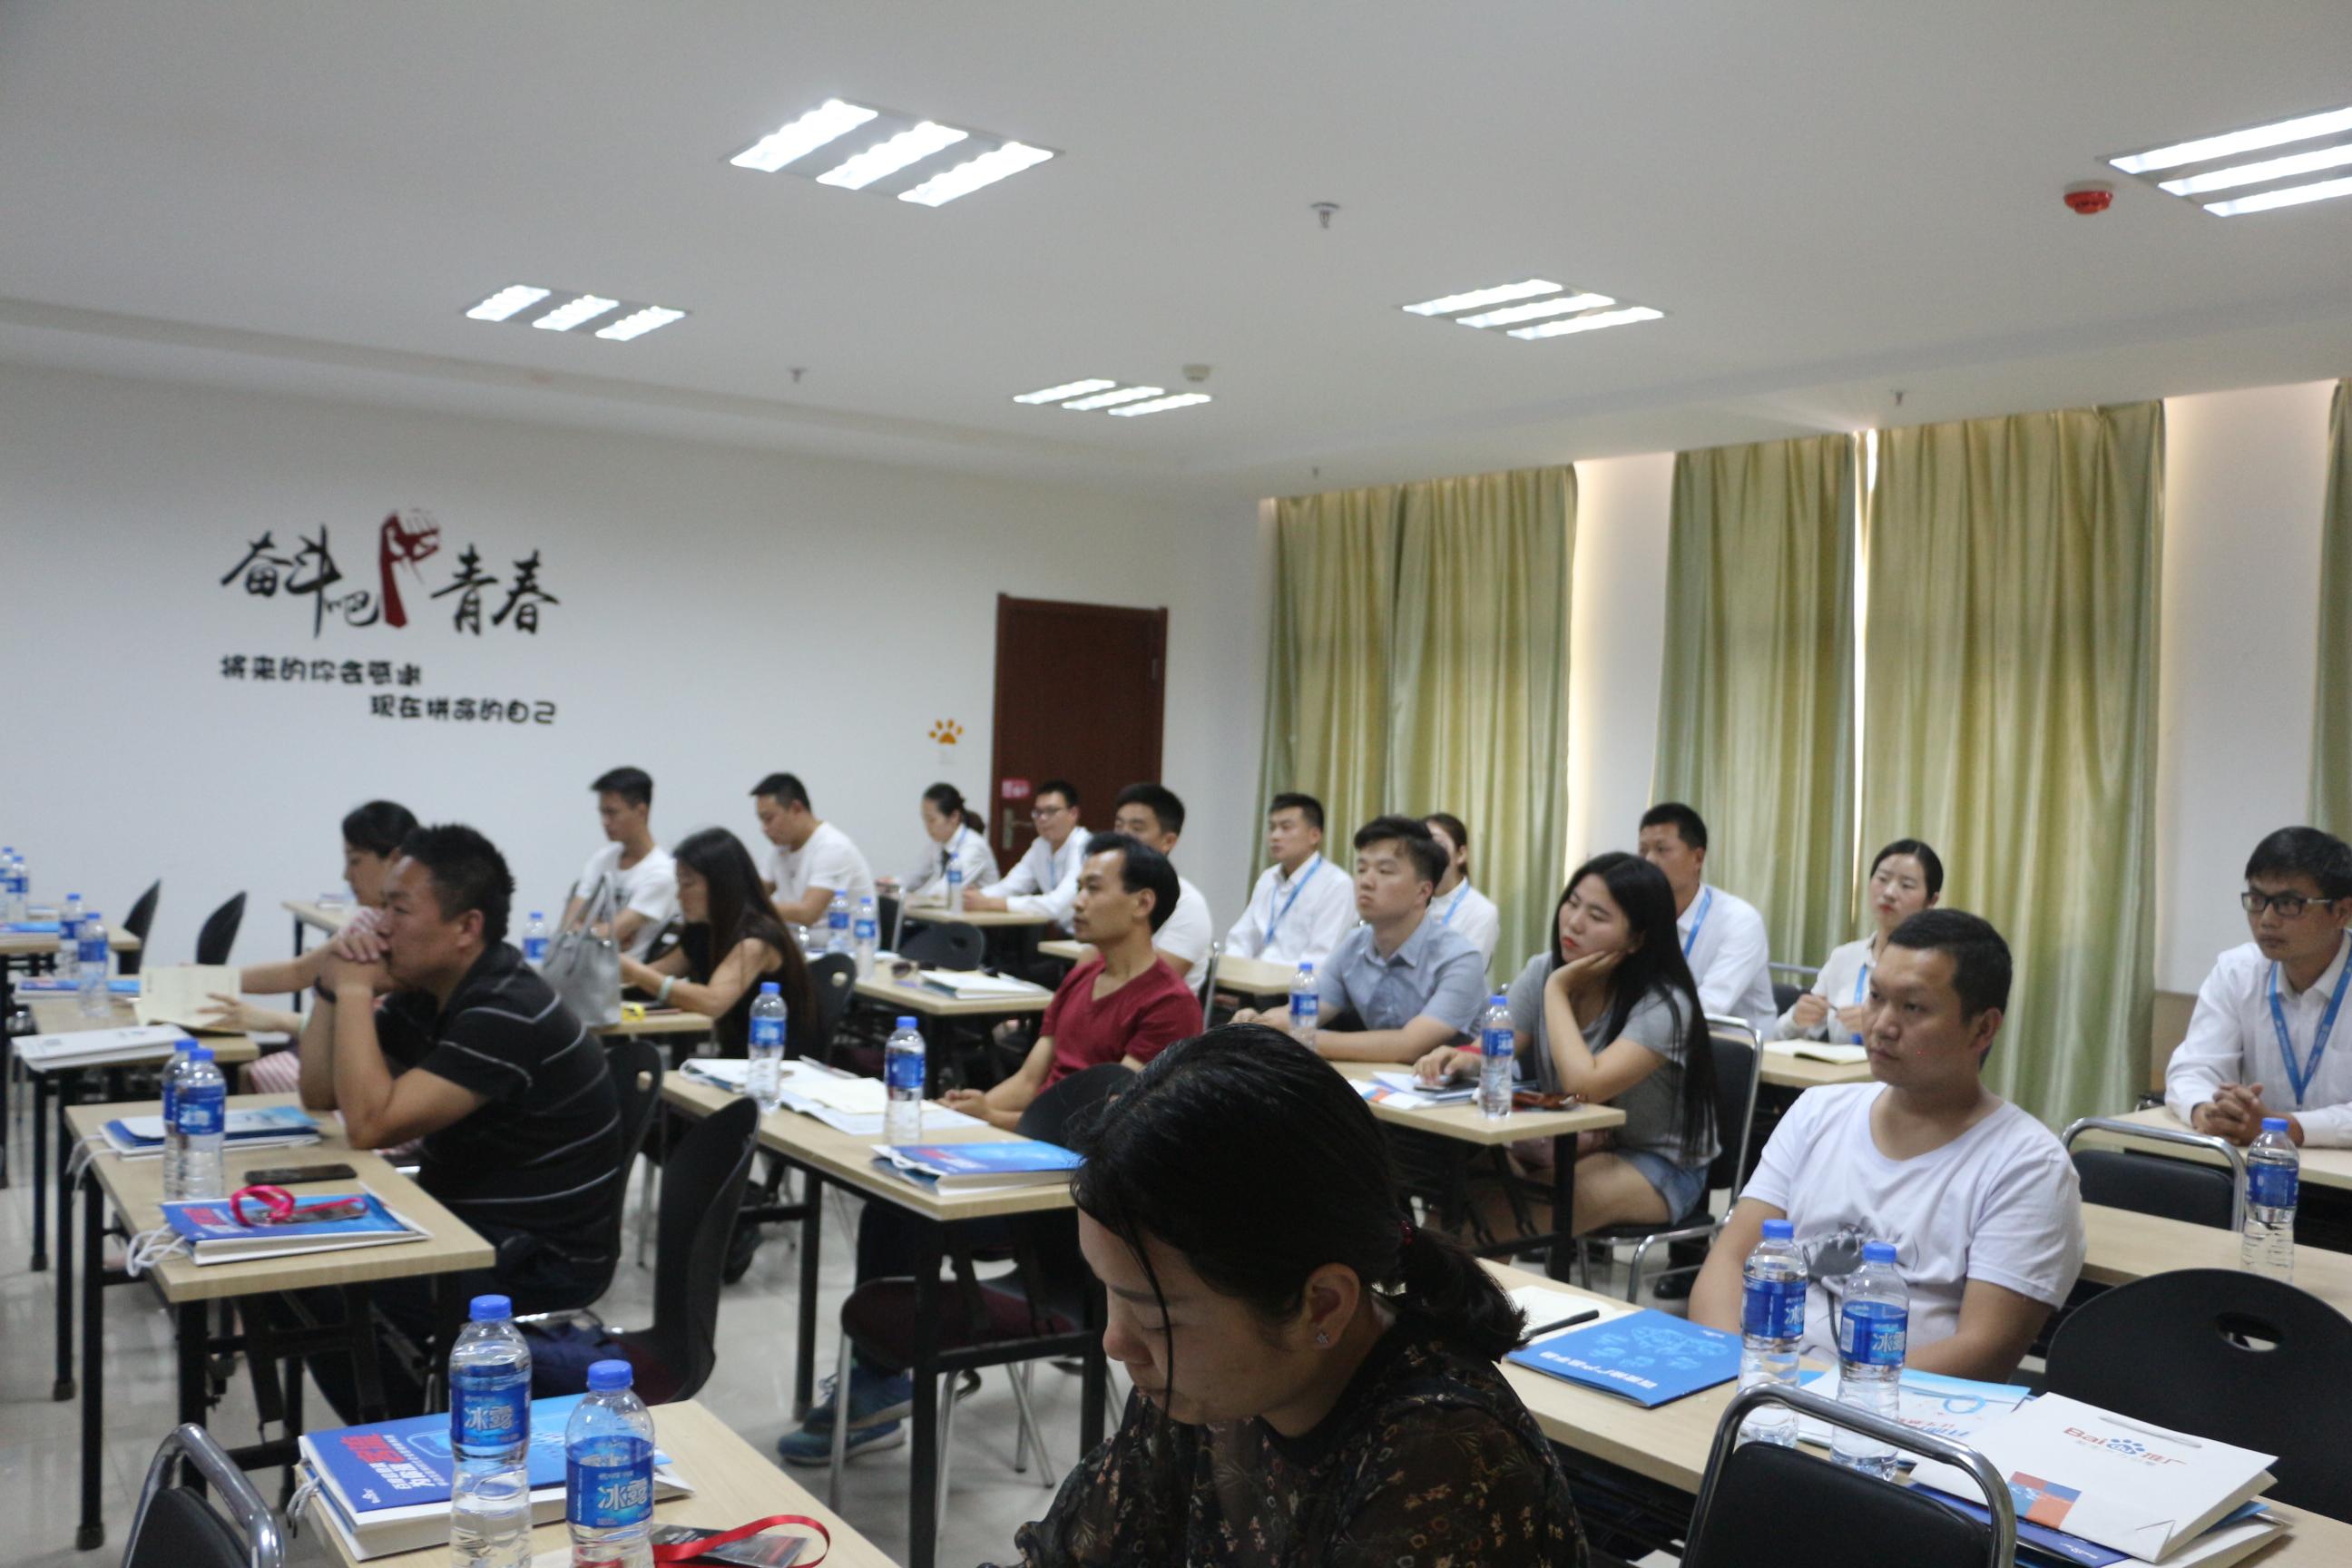 青峰会议|百度信息流数据分析会会议报道